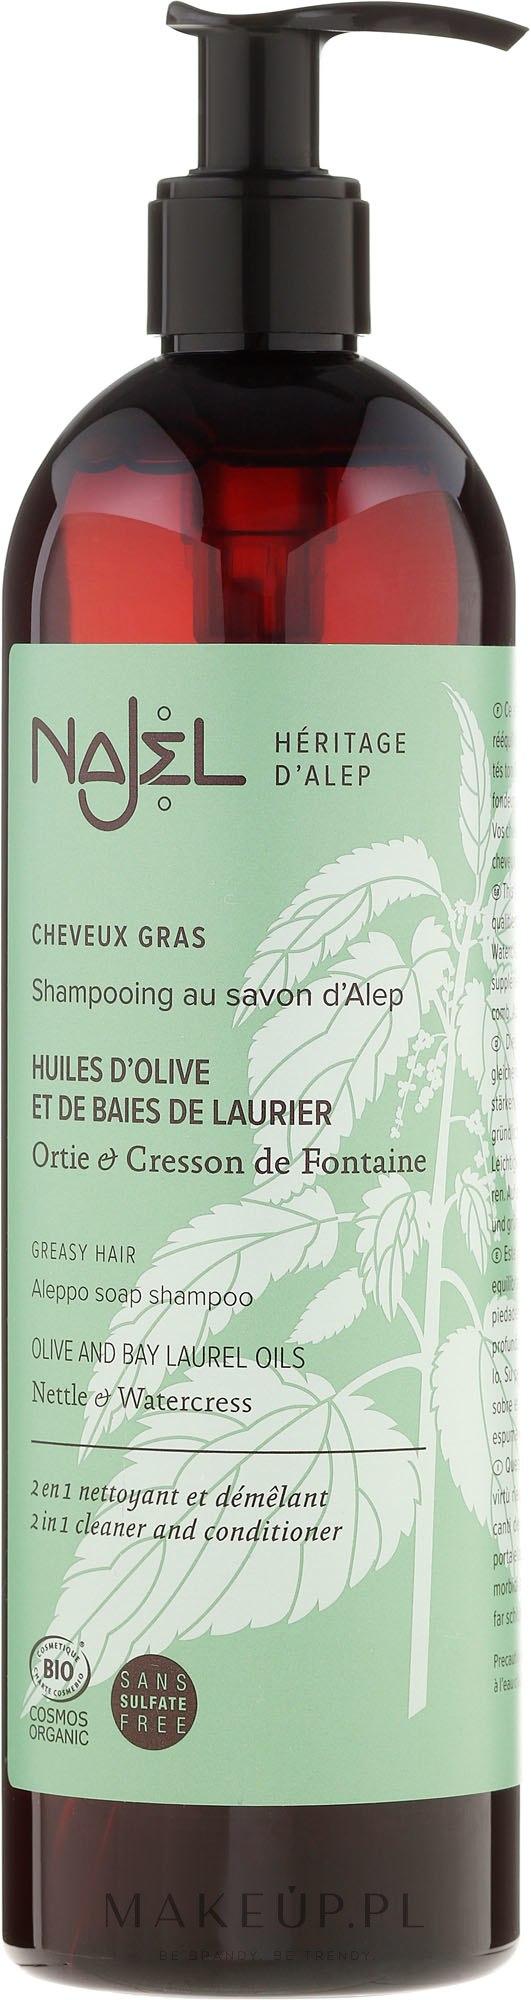 Szampon z mydłem aleppo do włosów przetłuszczających się - Najel Aleppo Soap Shampoo For Greasy Hair — фото 500 ml